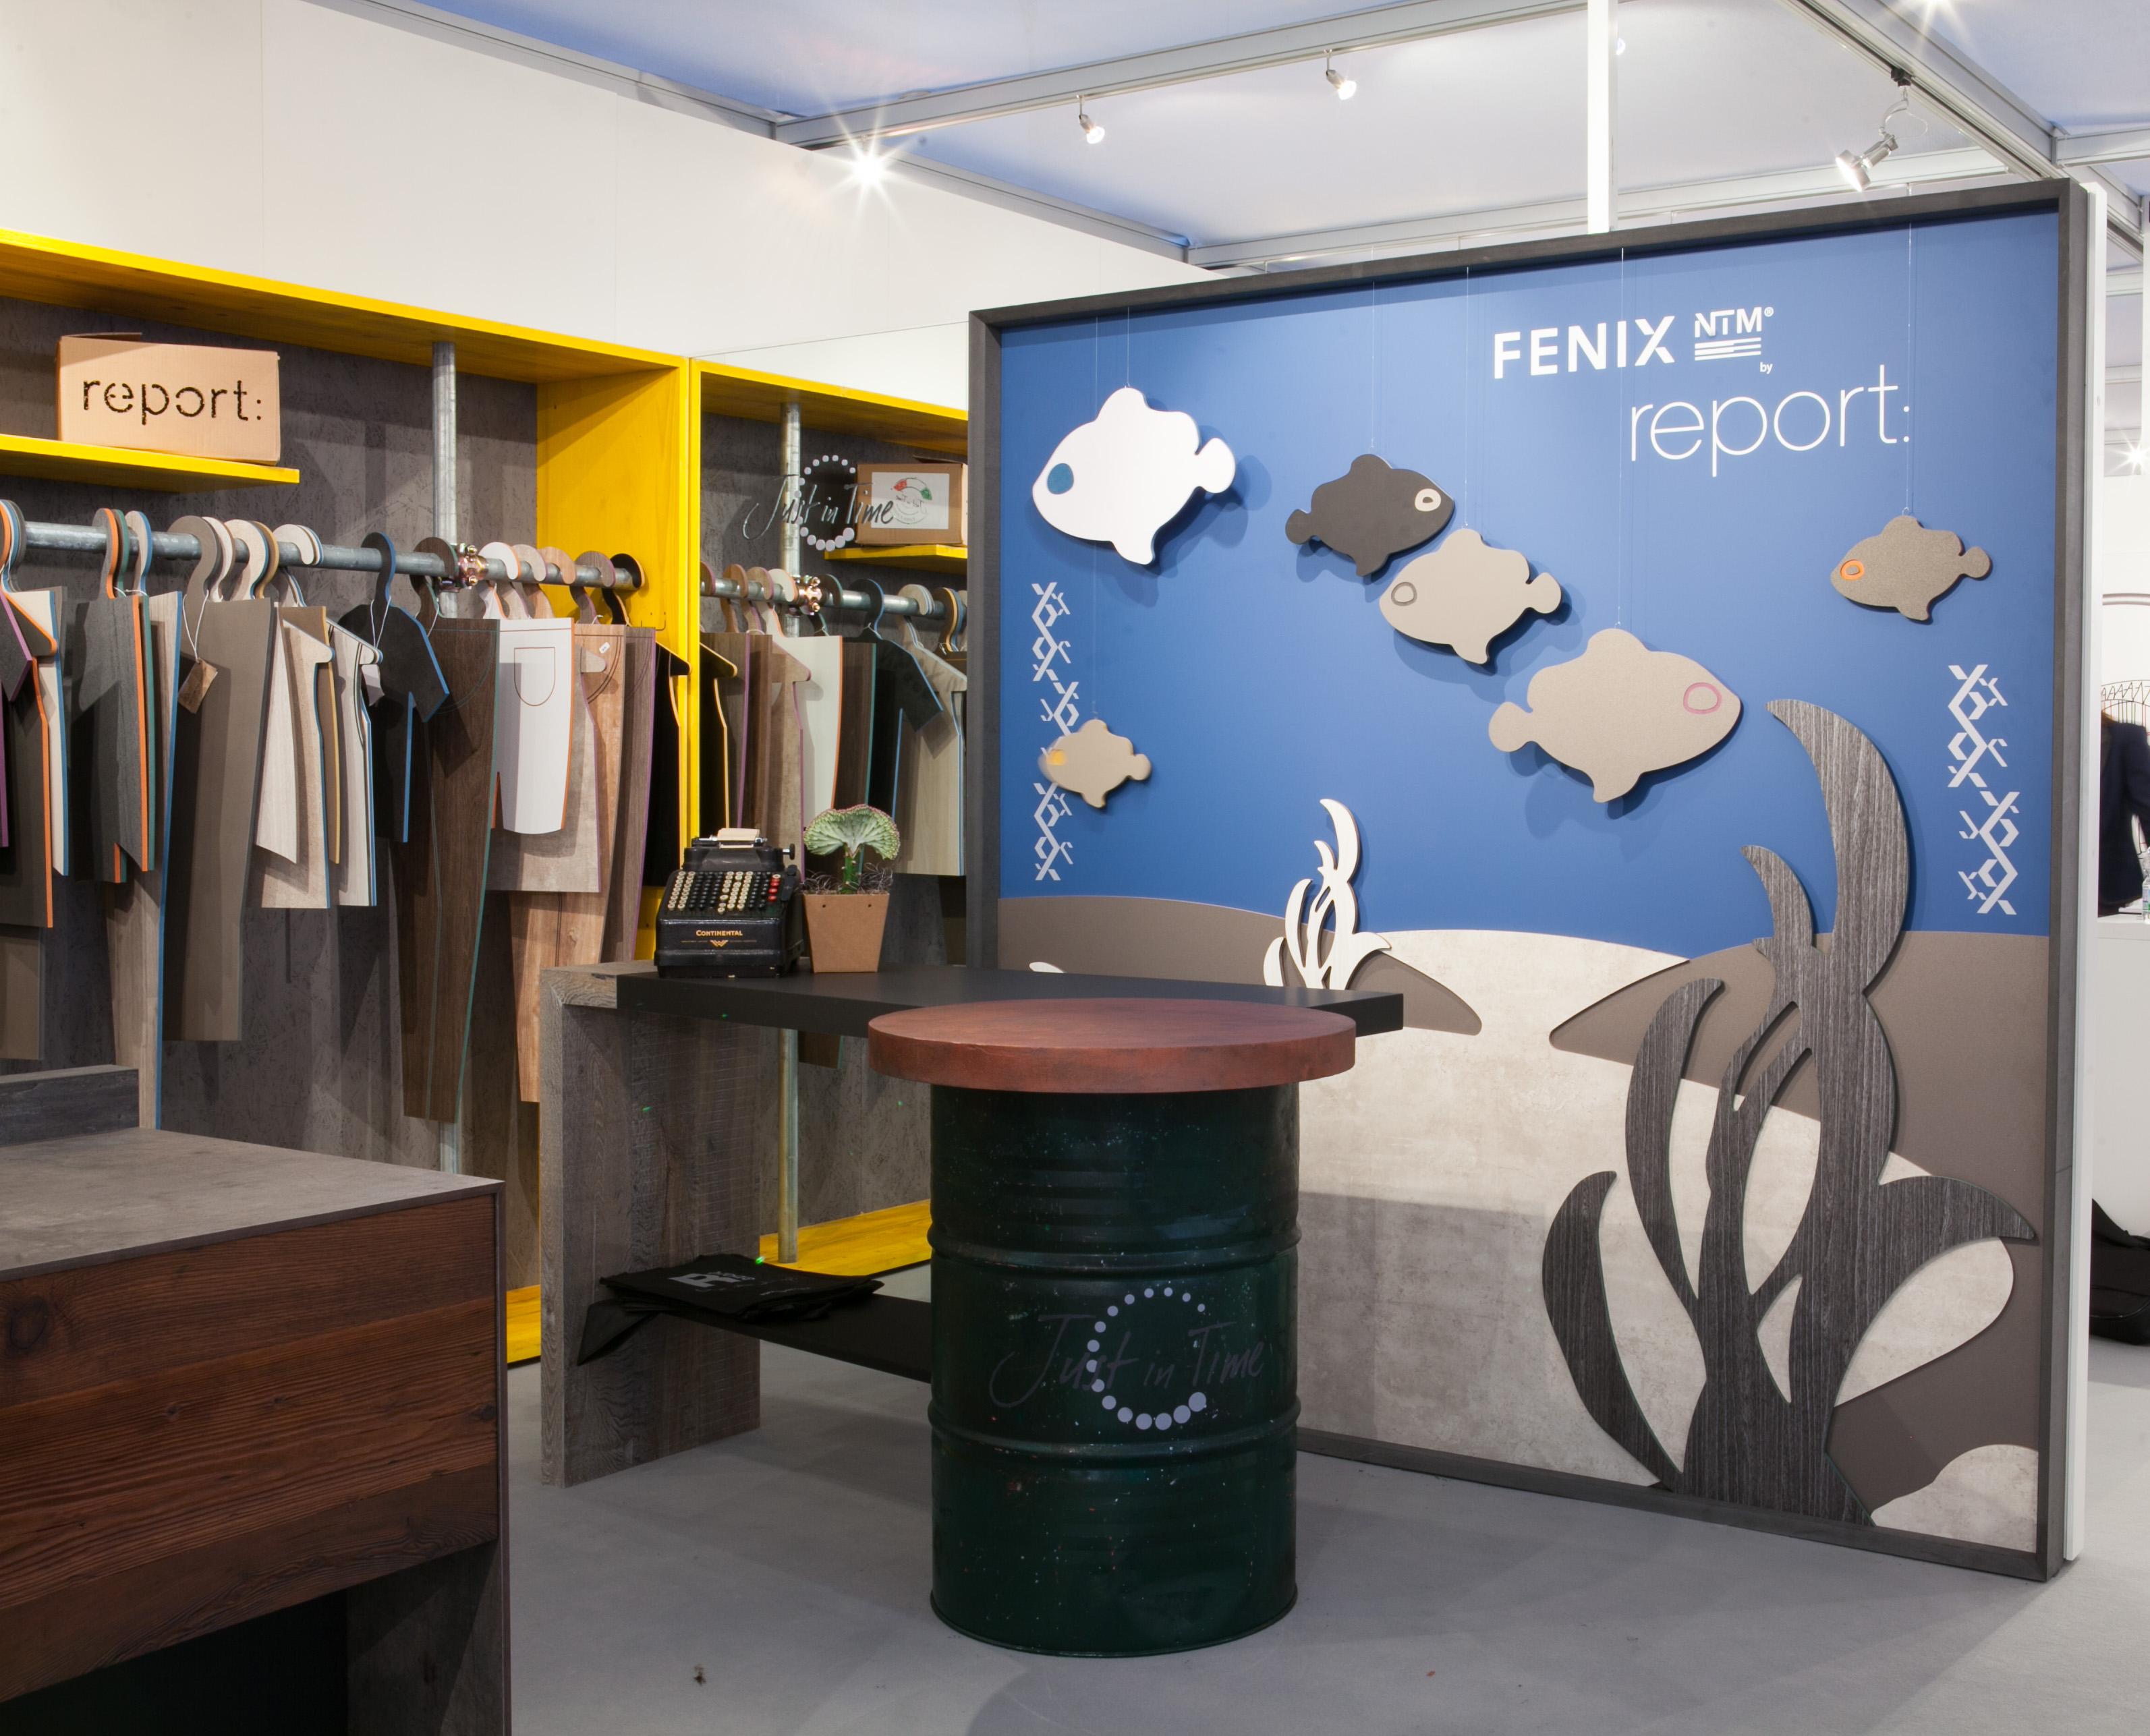 FENIX NTM by Arpa Industriale